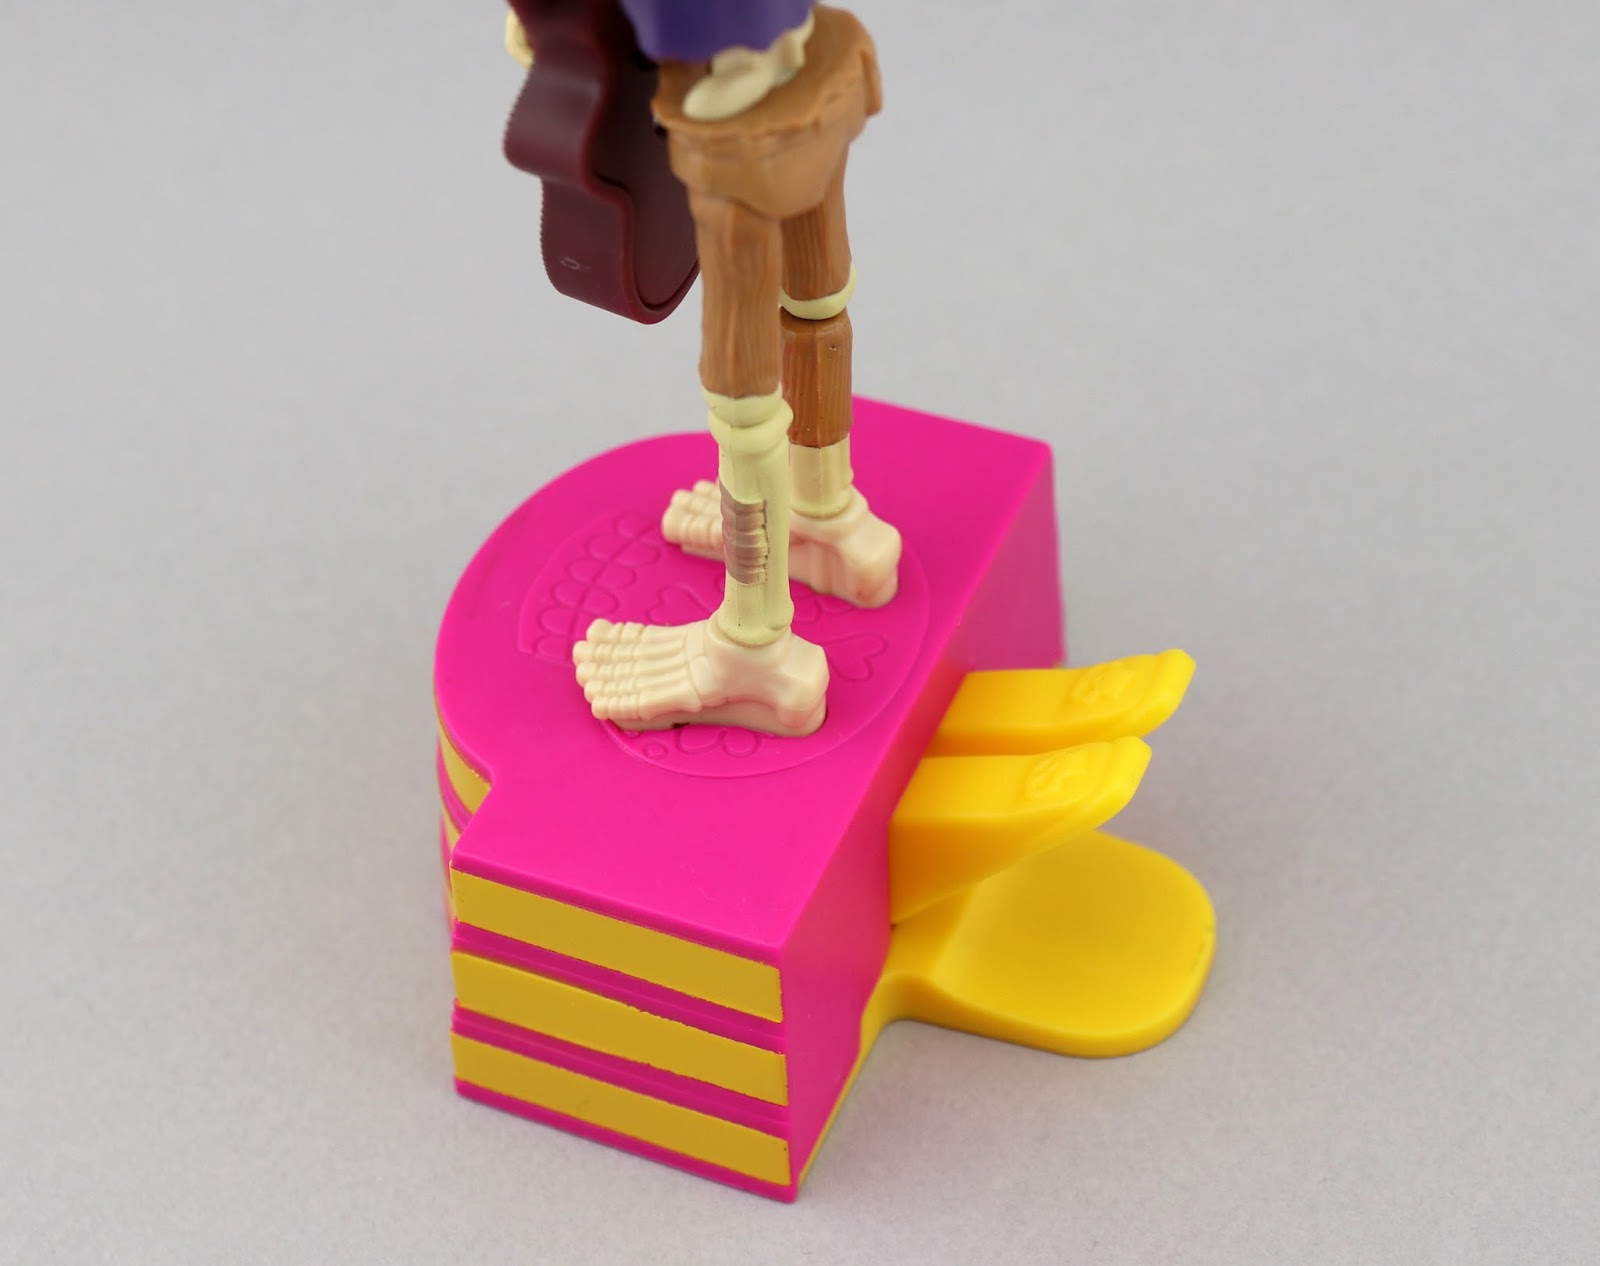 pixar coco motion action figures mattel